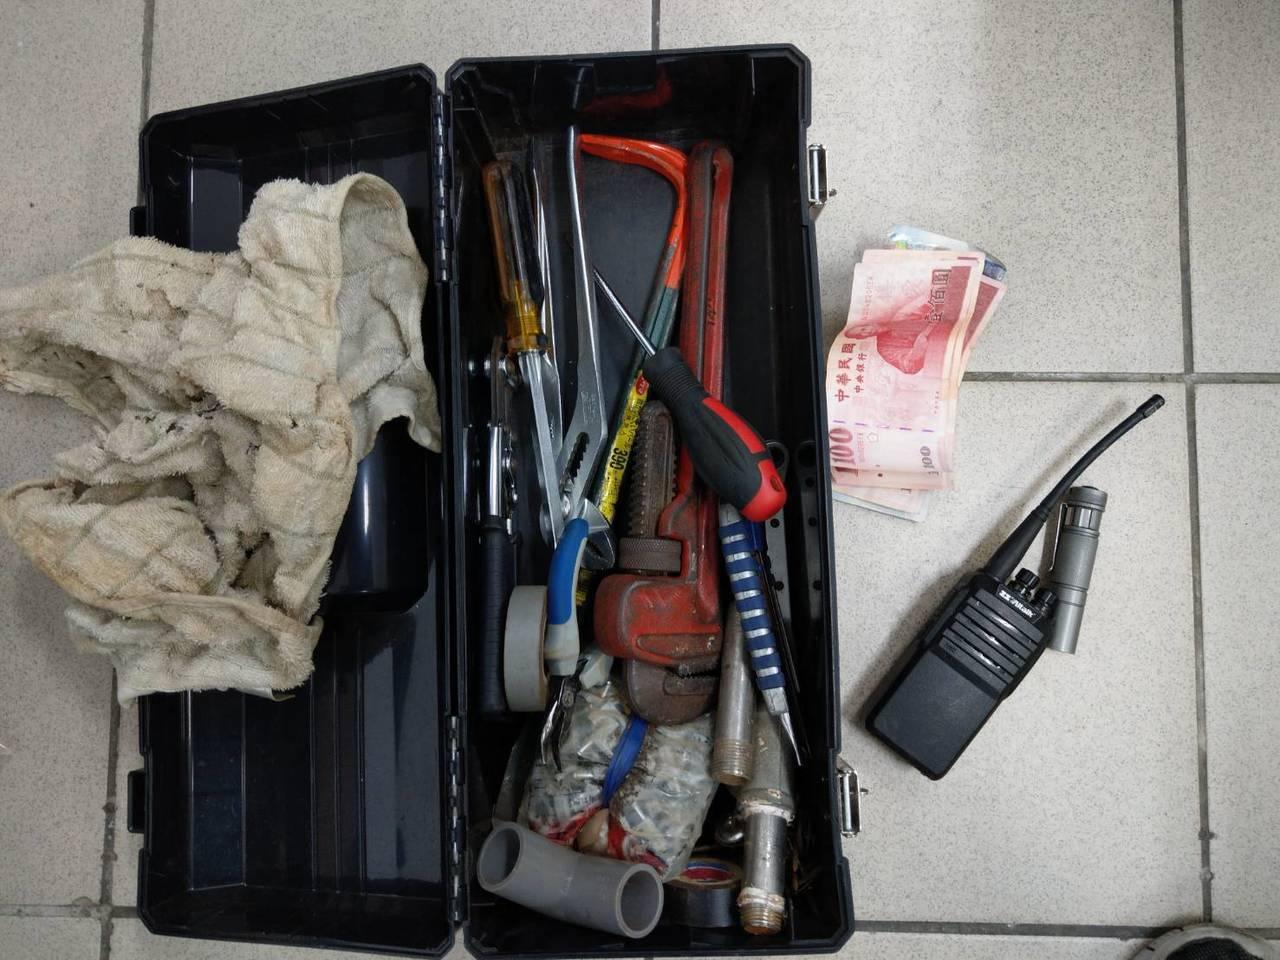 警方起出陳嫌犯案工具、贓款。記者卜敏正/翻攝